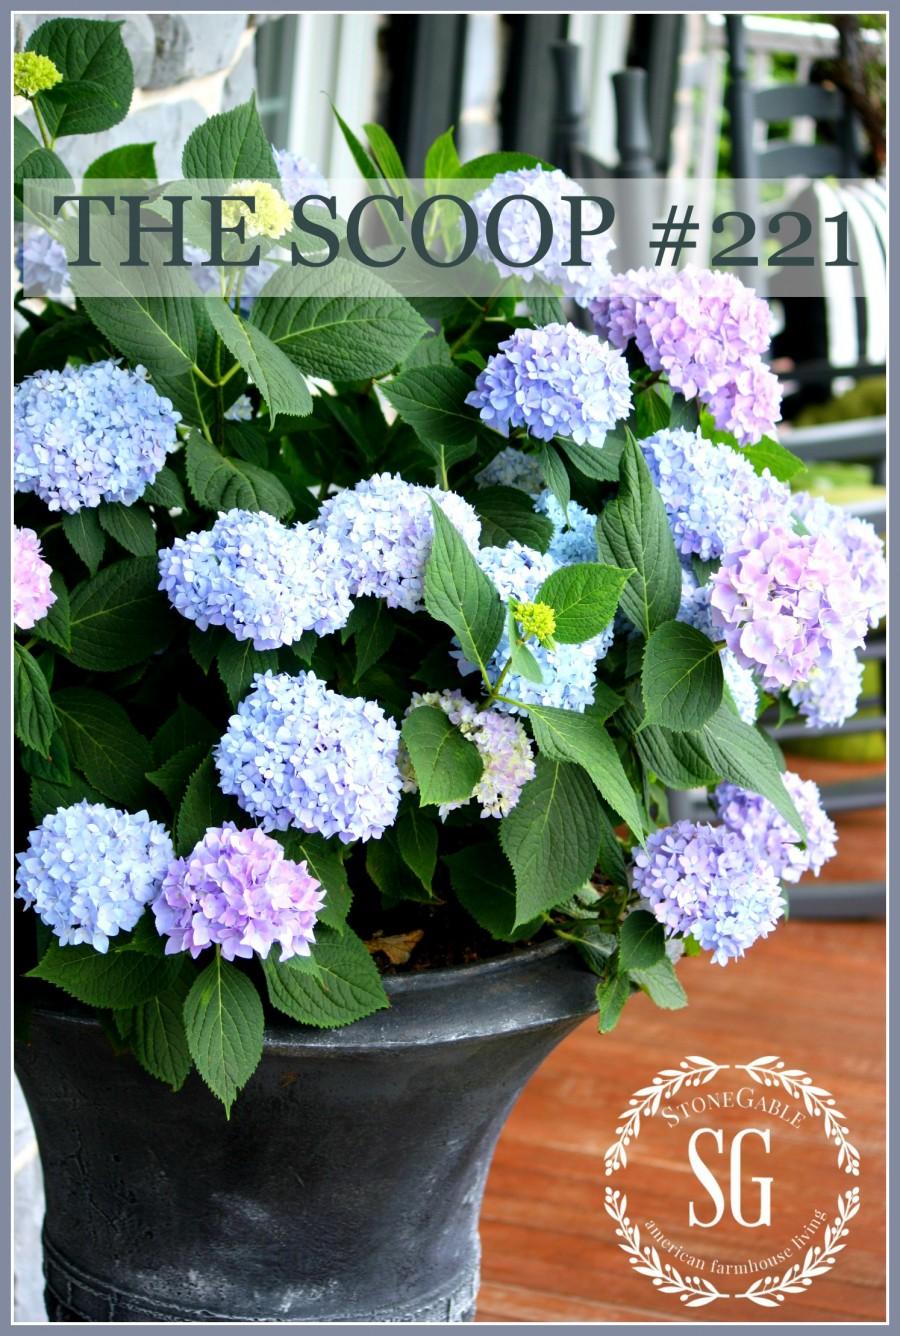 THE SCOOP #220